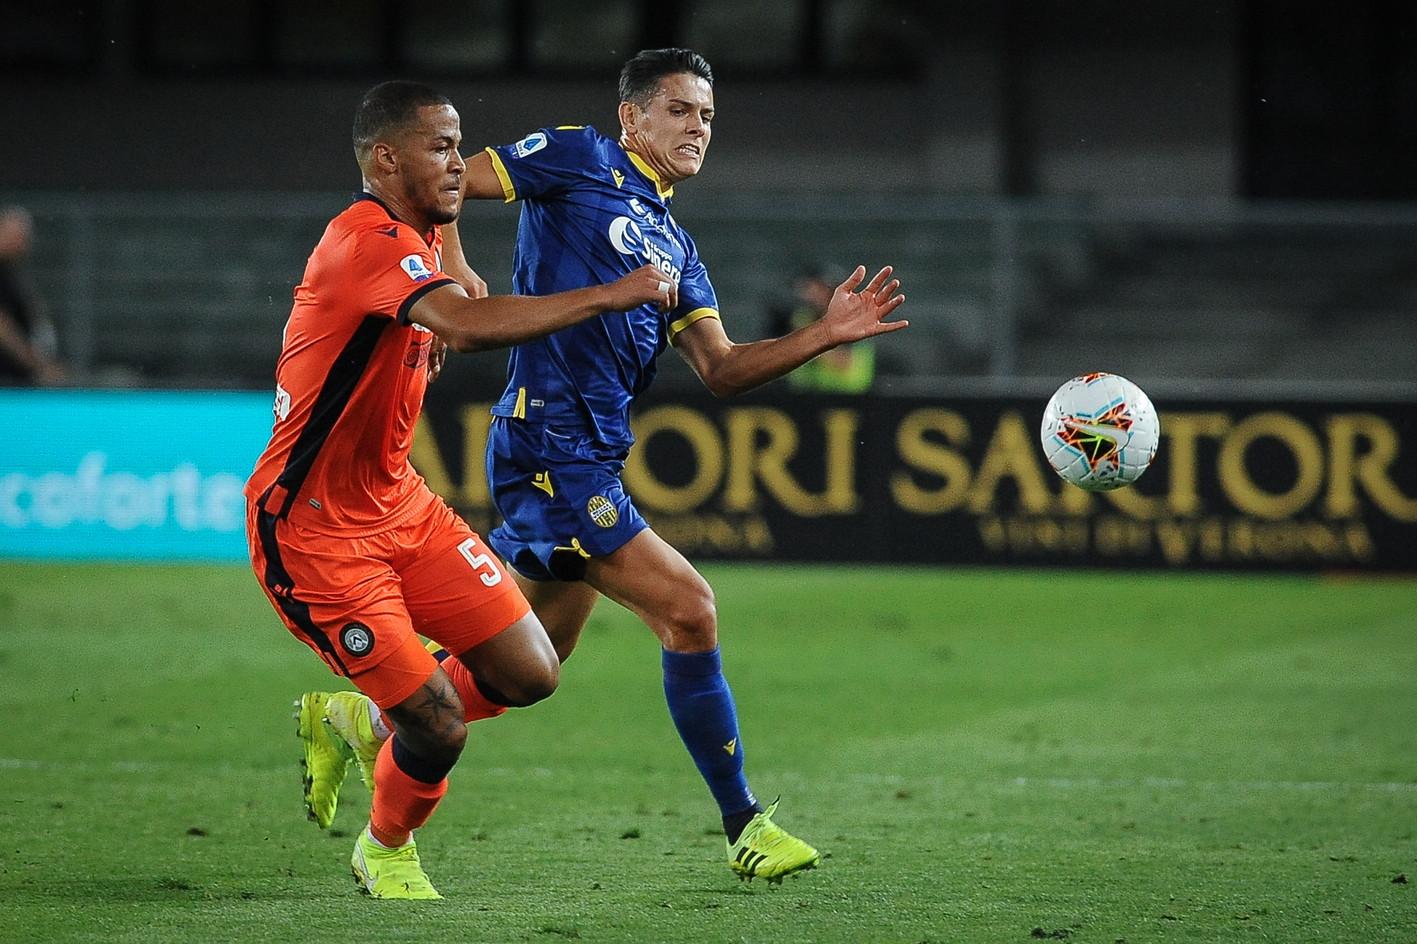 Solo un pareggio per 0-0 nella prima partita della quinta giornata di Serie A